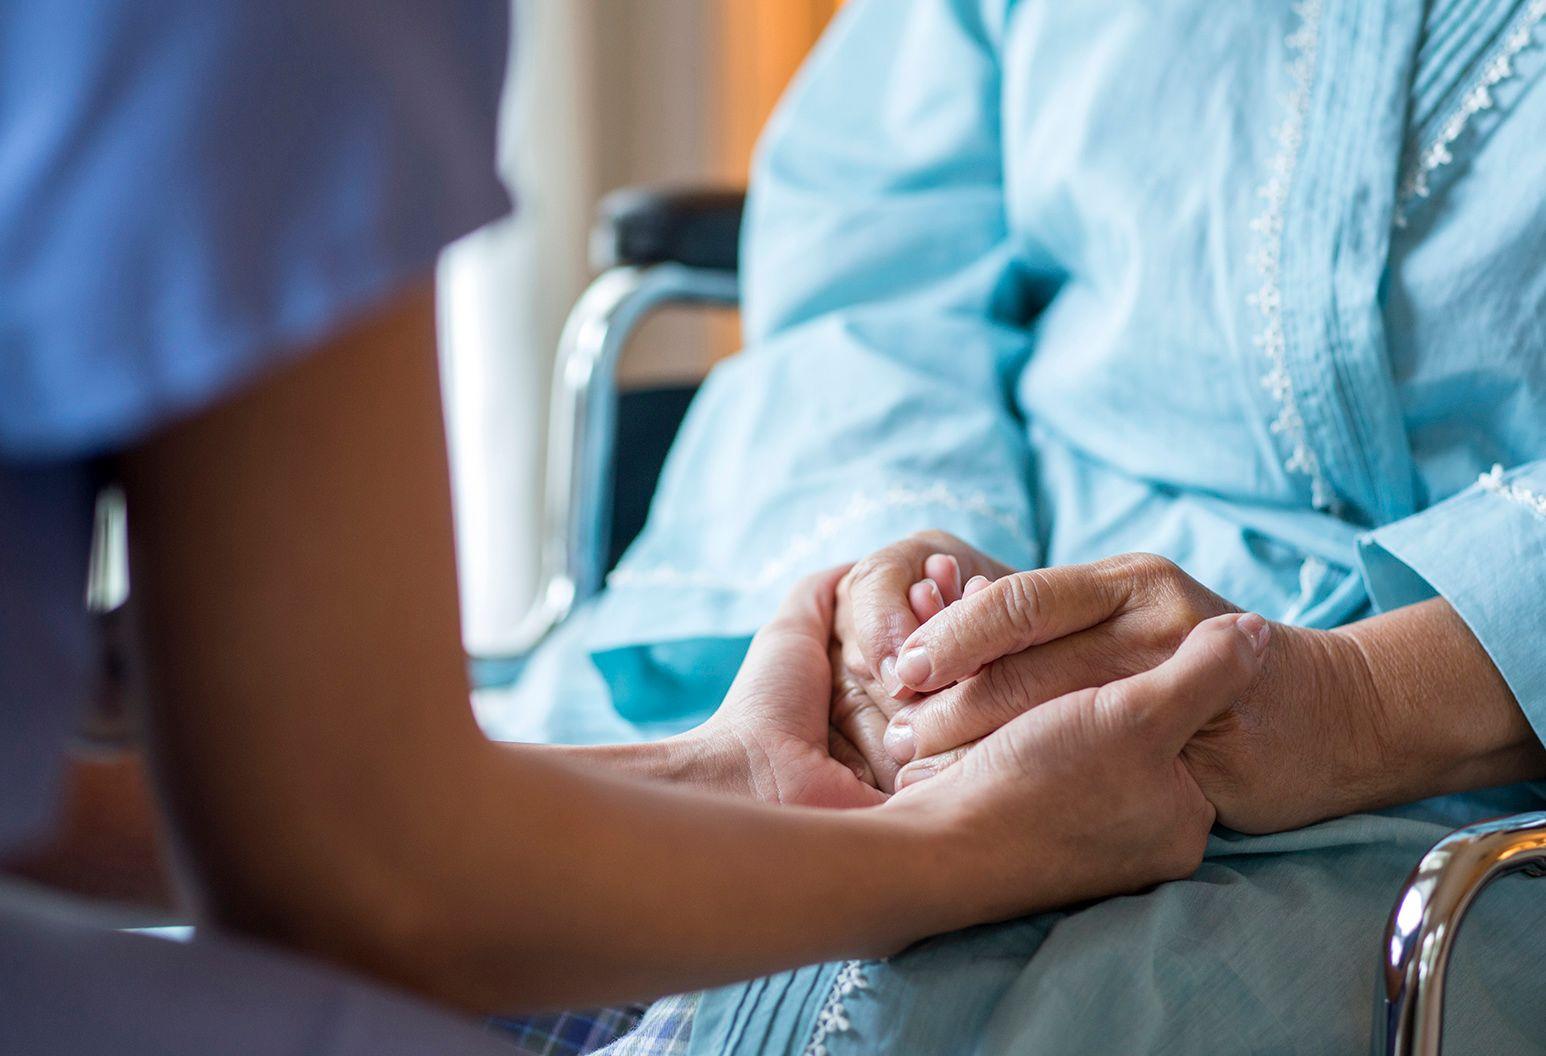 Aspectos Éticos no Cuidado de Enfermagem ao Idoso em Cuidados Paliativos